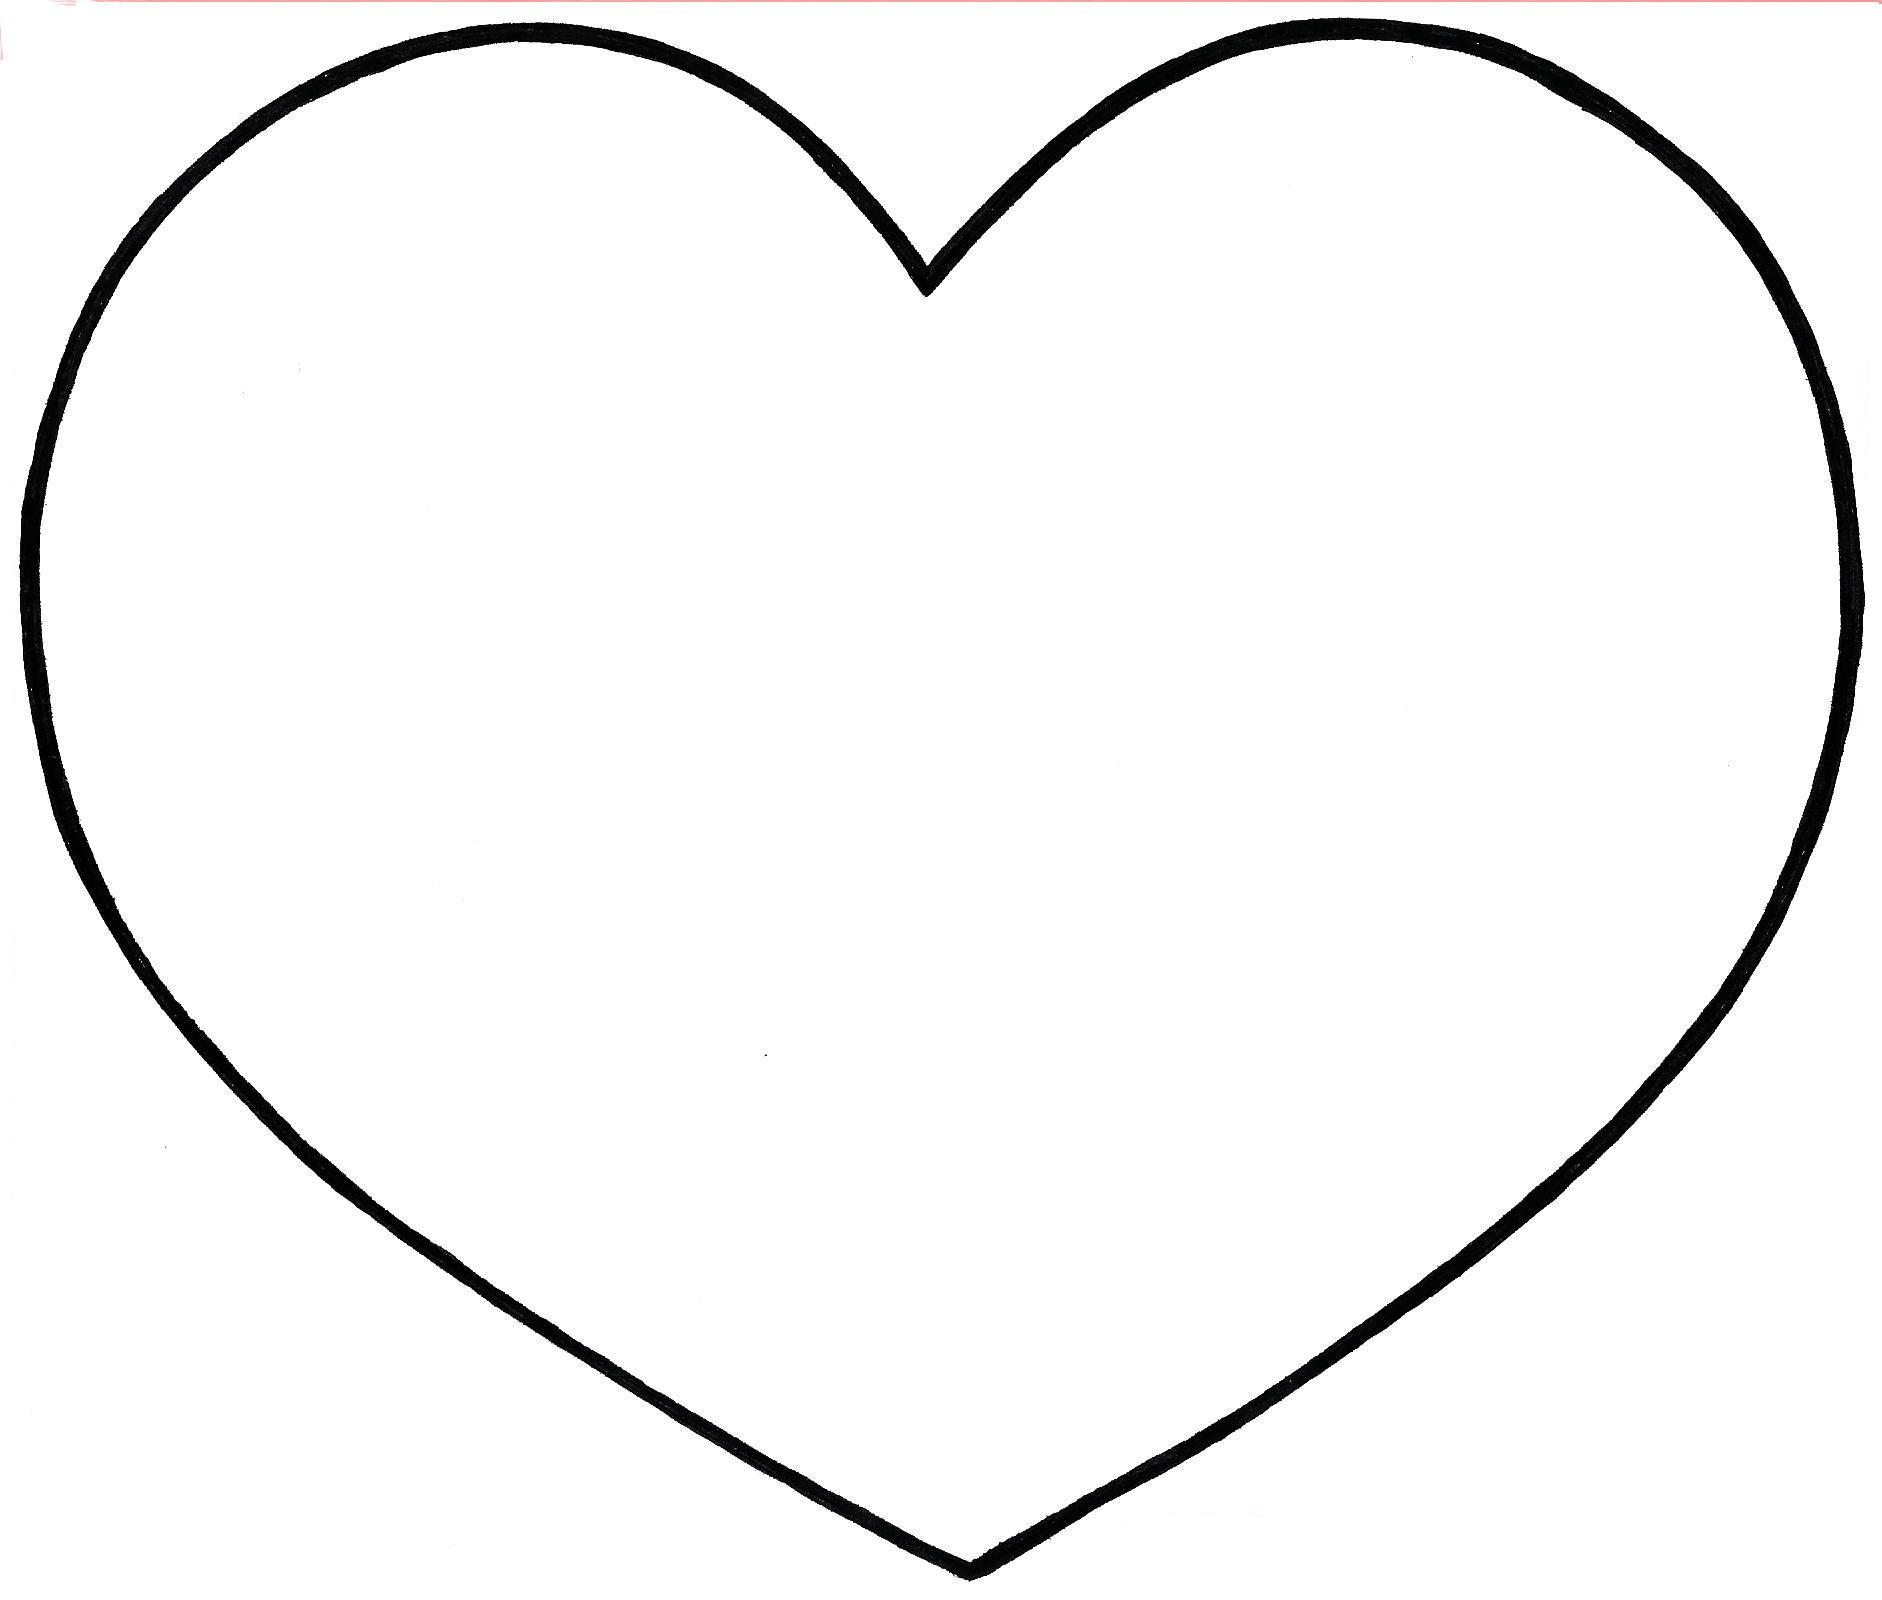 Dessins en couleurs à imprimer : Coeur, numéro : 448264